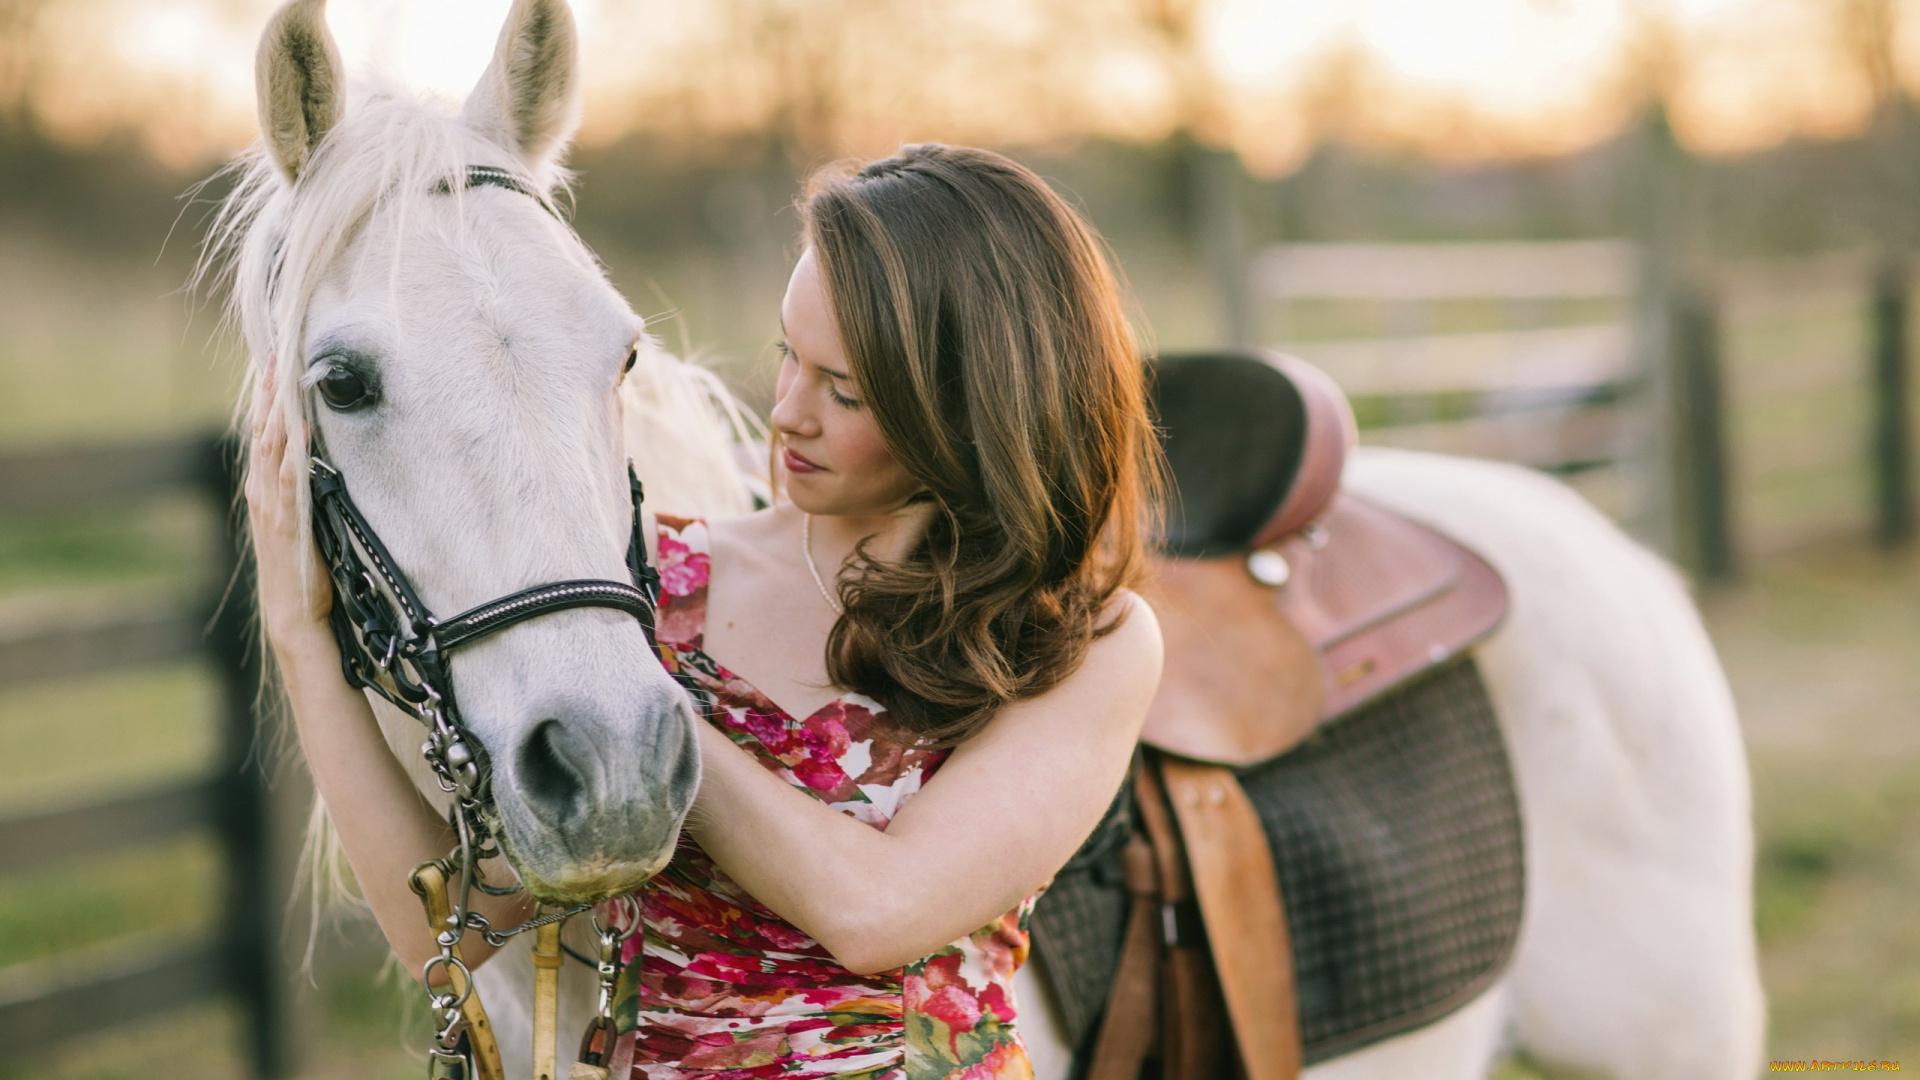 девушка с лошадью смотреть